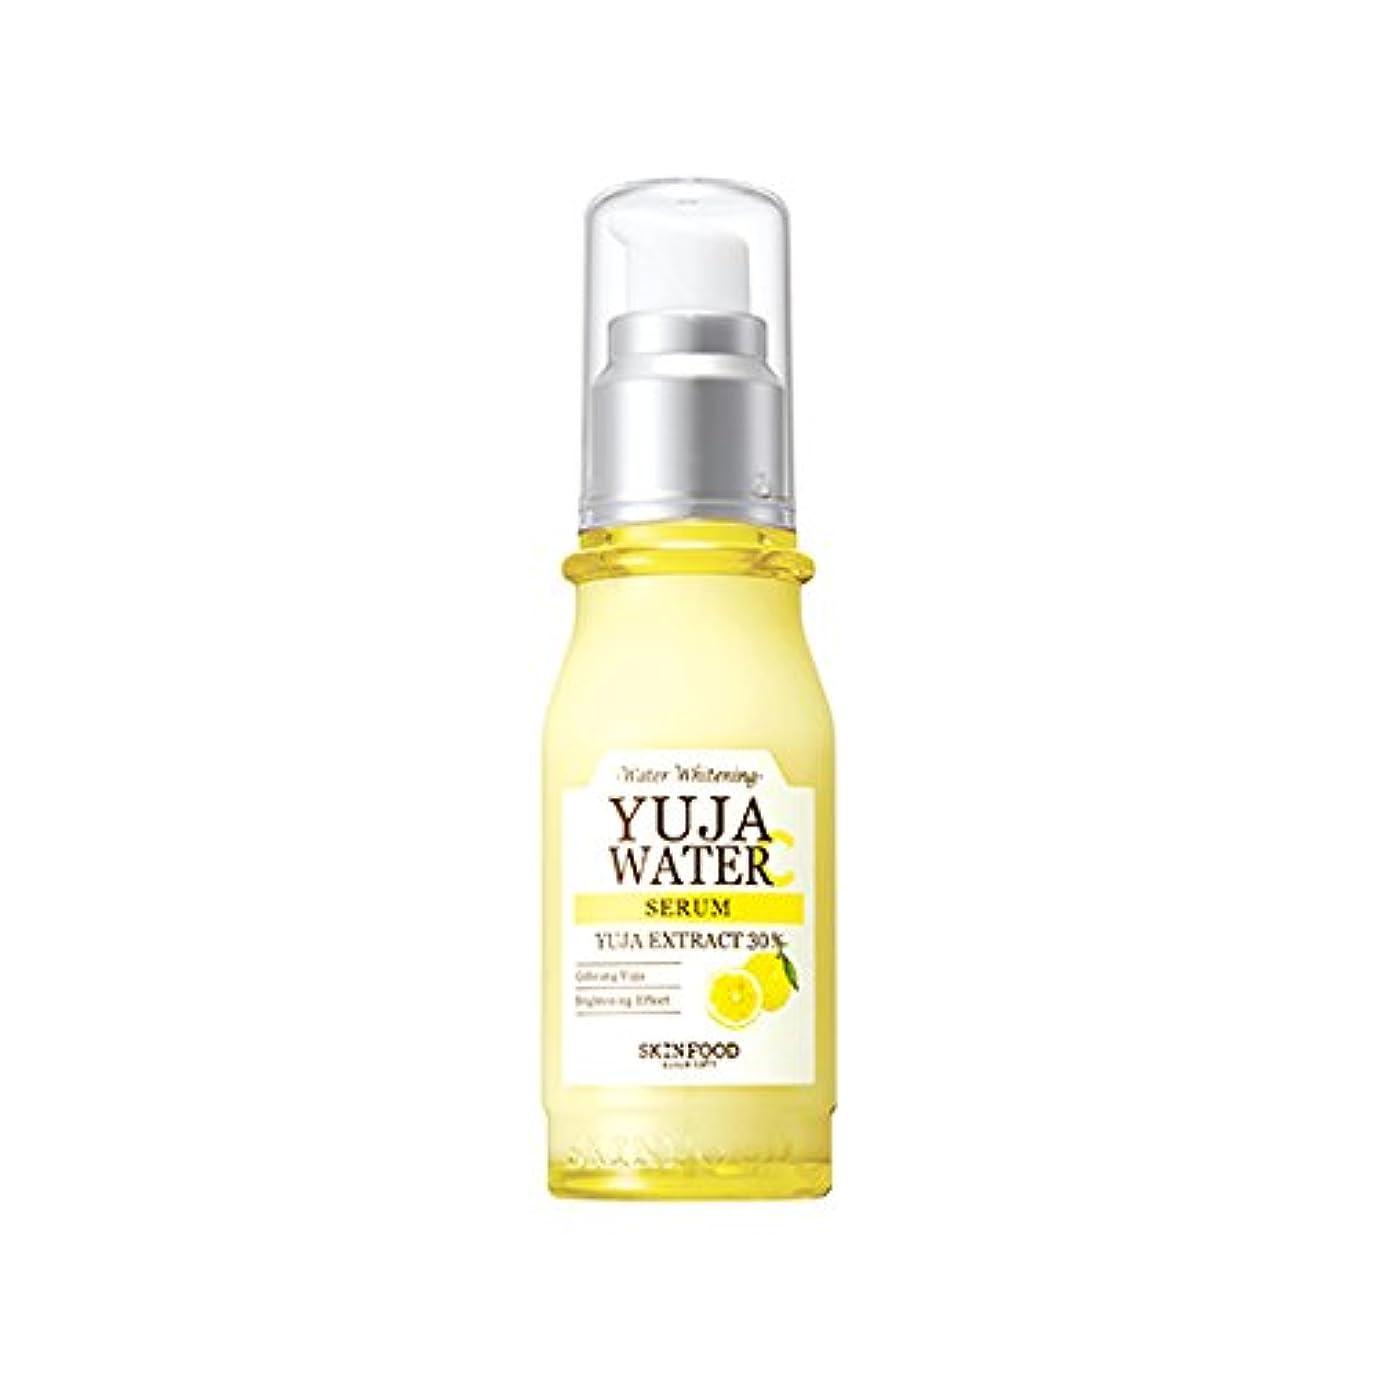 (SKINFOOD スキンフード) Yuja Water C Serum 柚子 水分C セラム ゆず 美容液